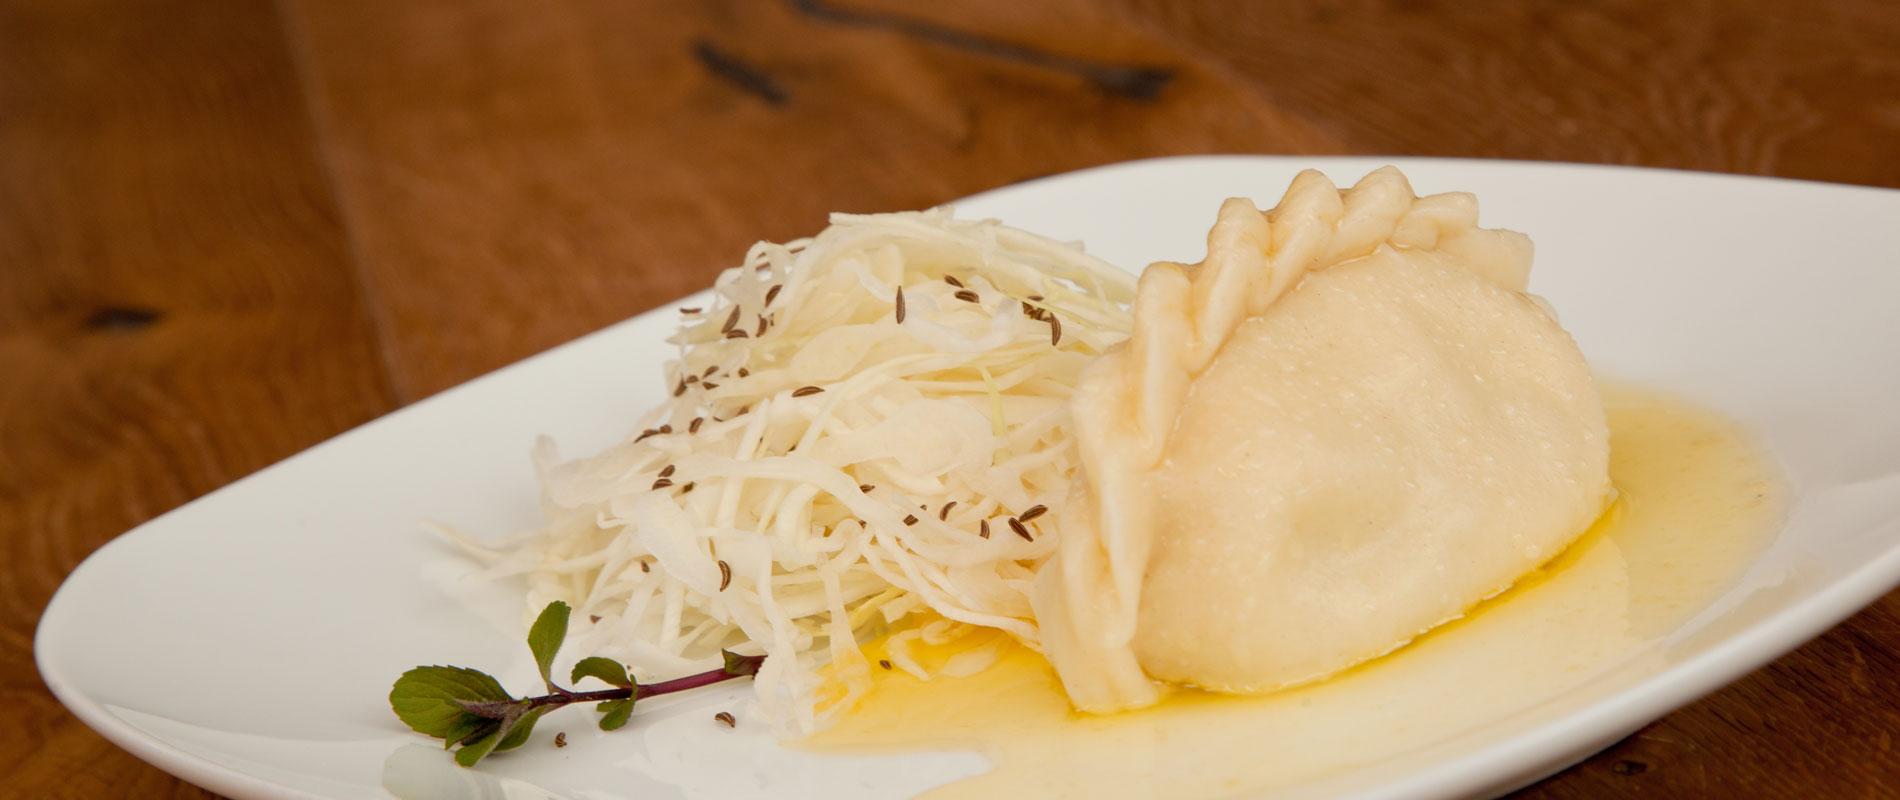 kaerntnernudel-kraut-zerlassene-butter